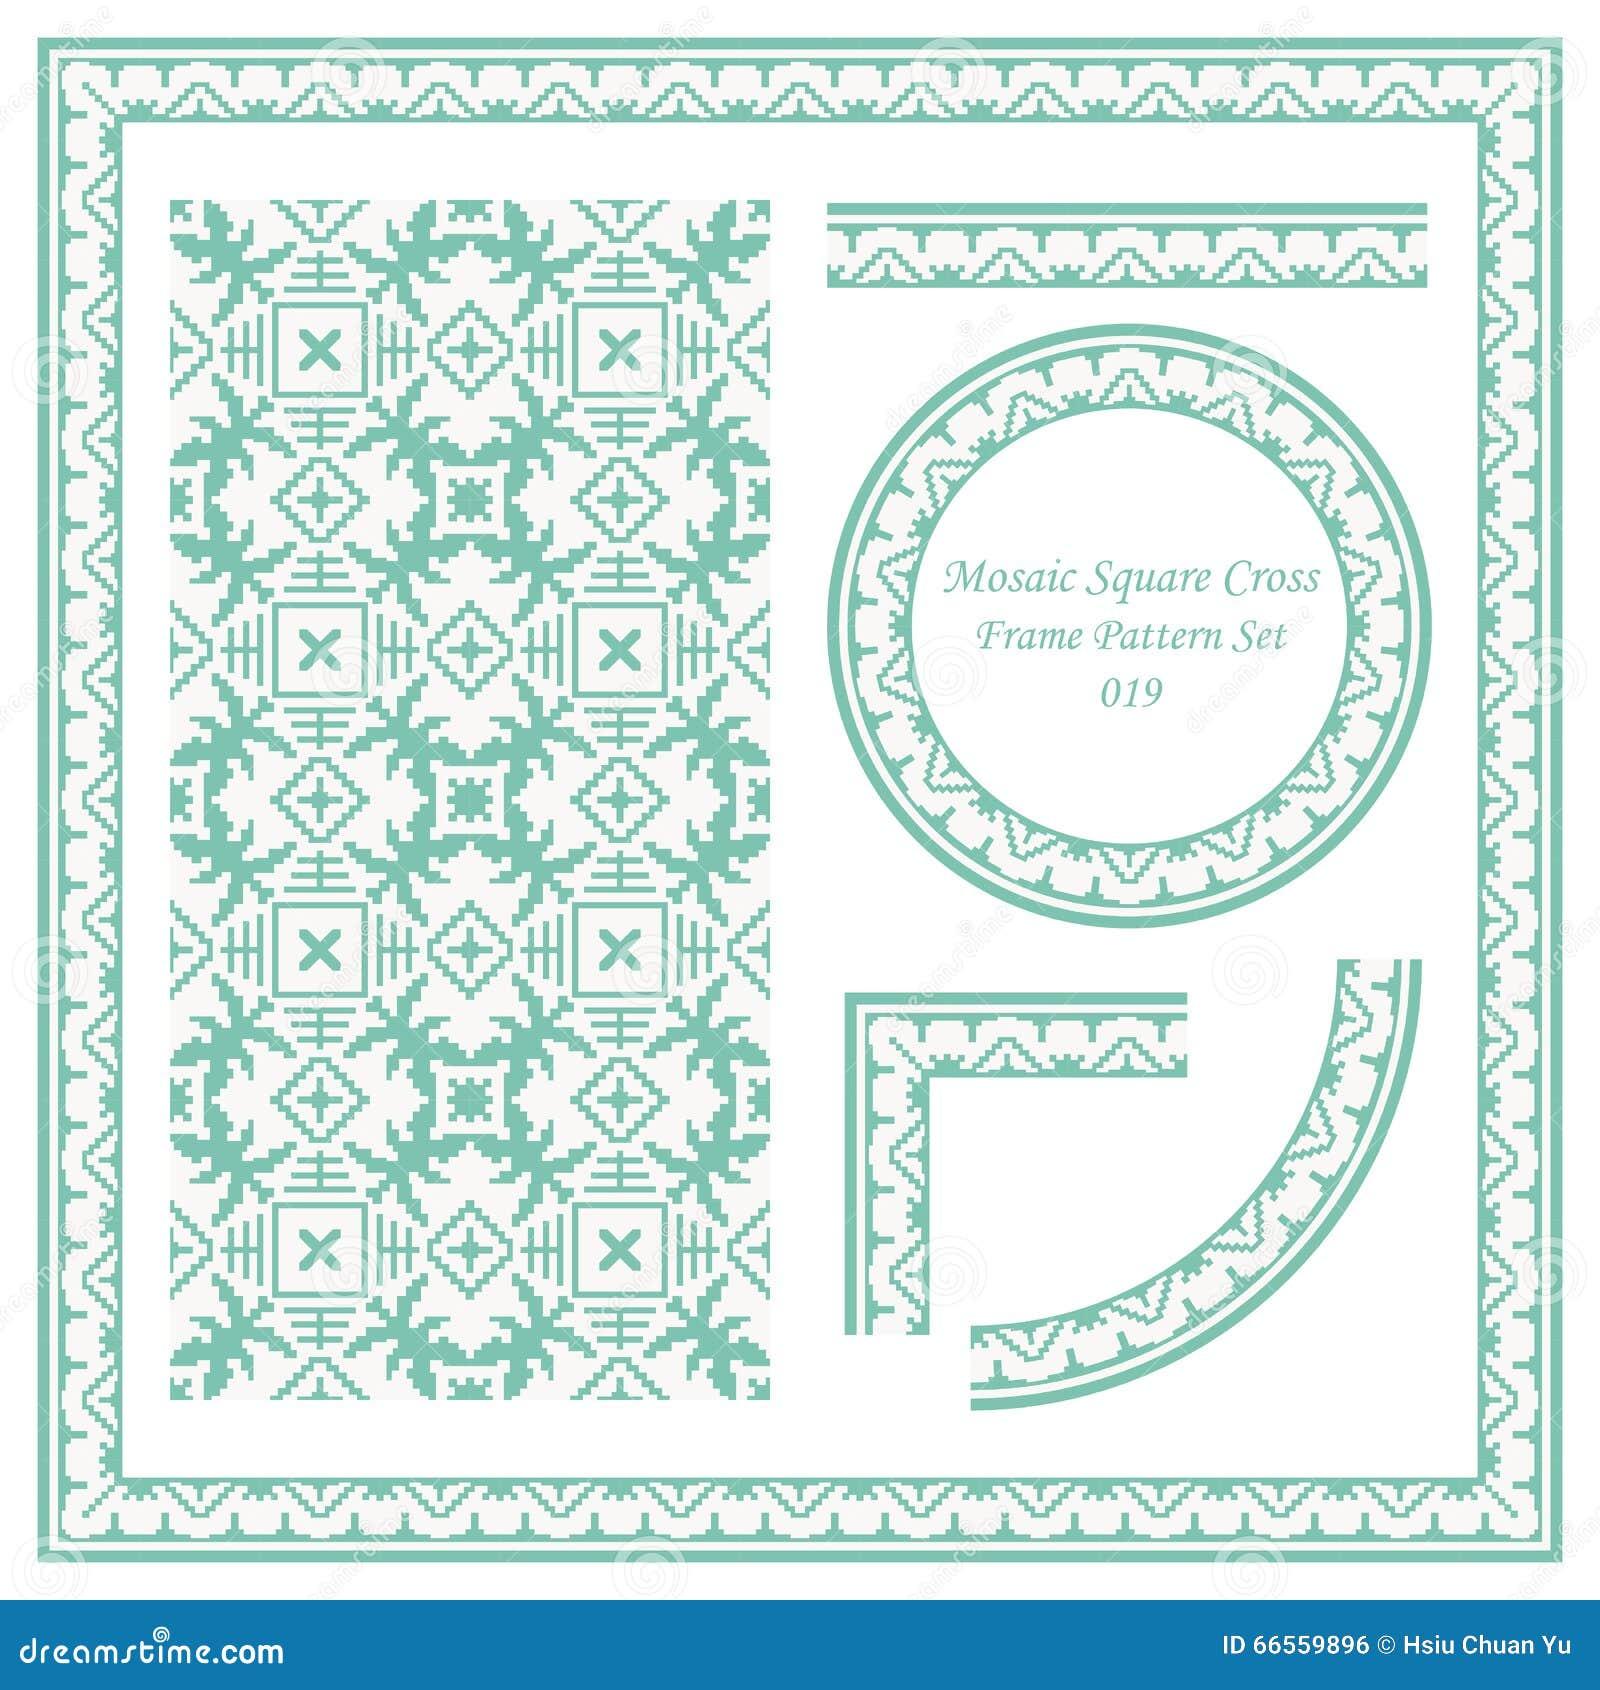 Weinlese-Rahmen-Muster Stellte Das 019 Mosaik-quadratische Kreuz Ein ...